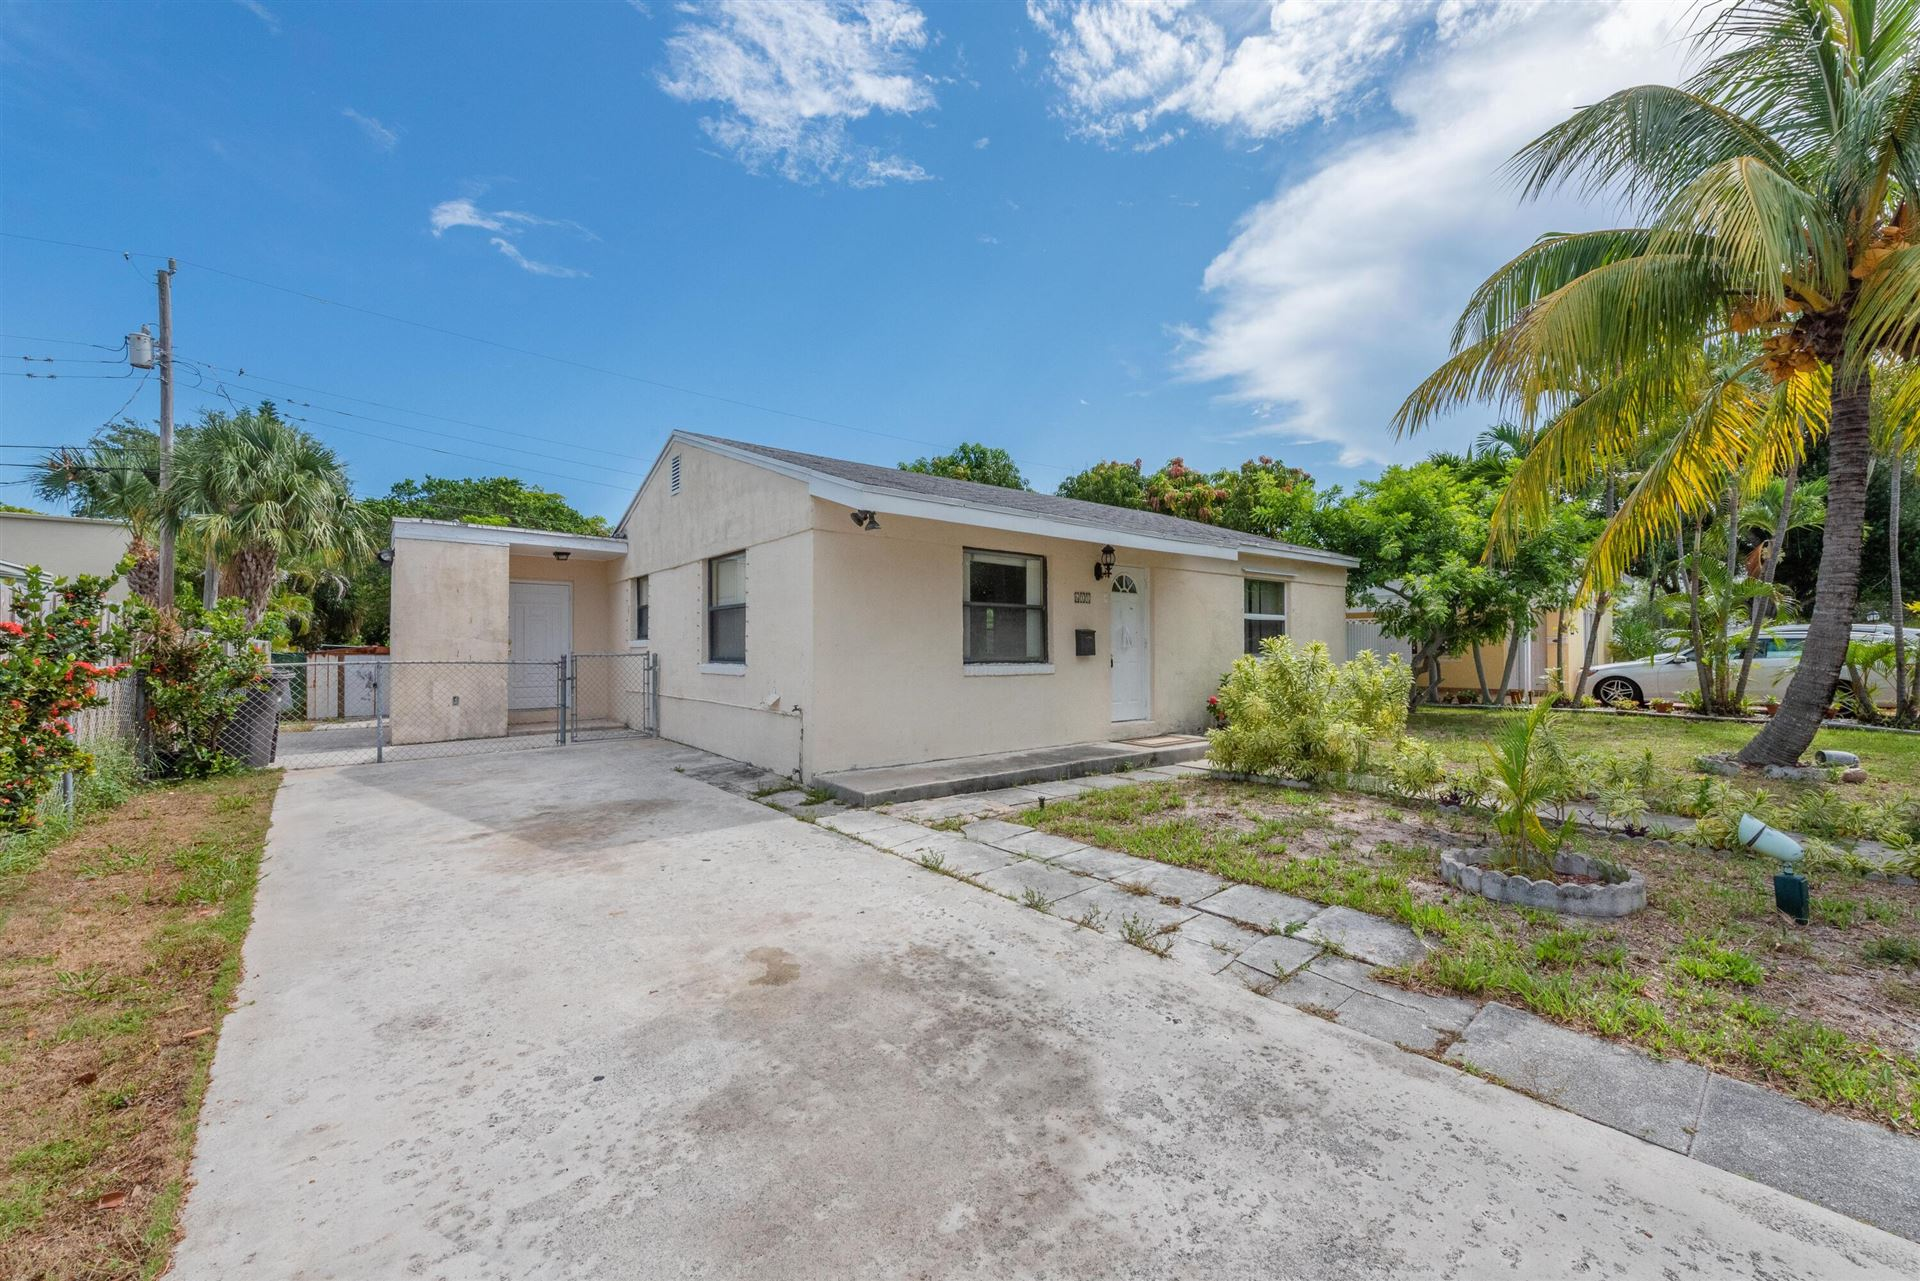 611 Monceaux Road, West Palm Beach, FL 33405 - MLS#: RX-10700623